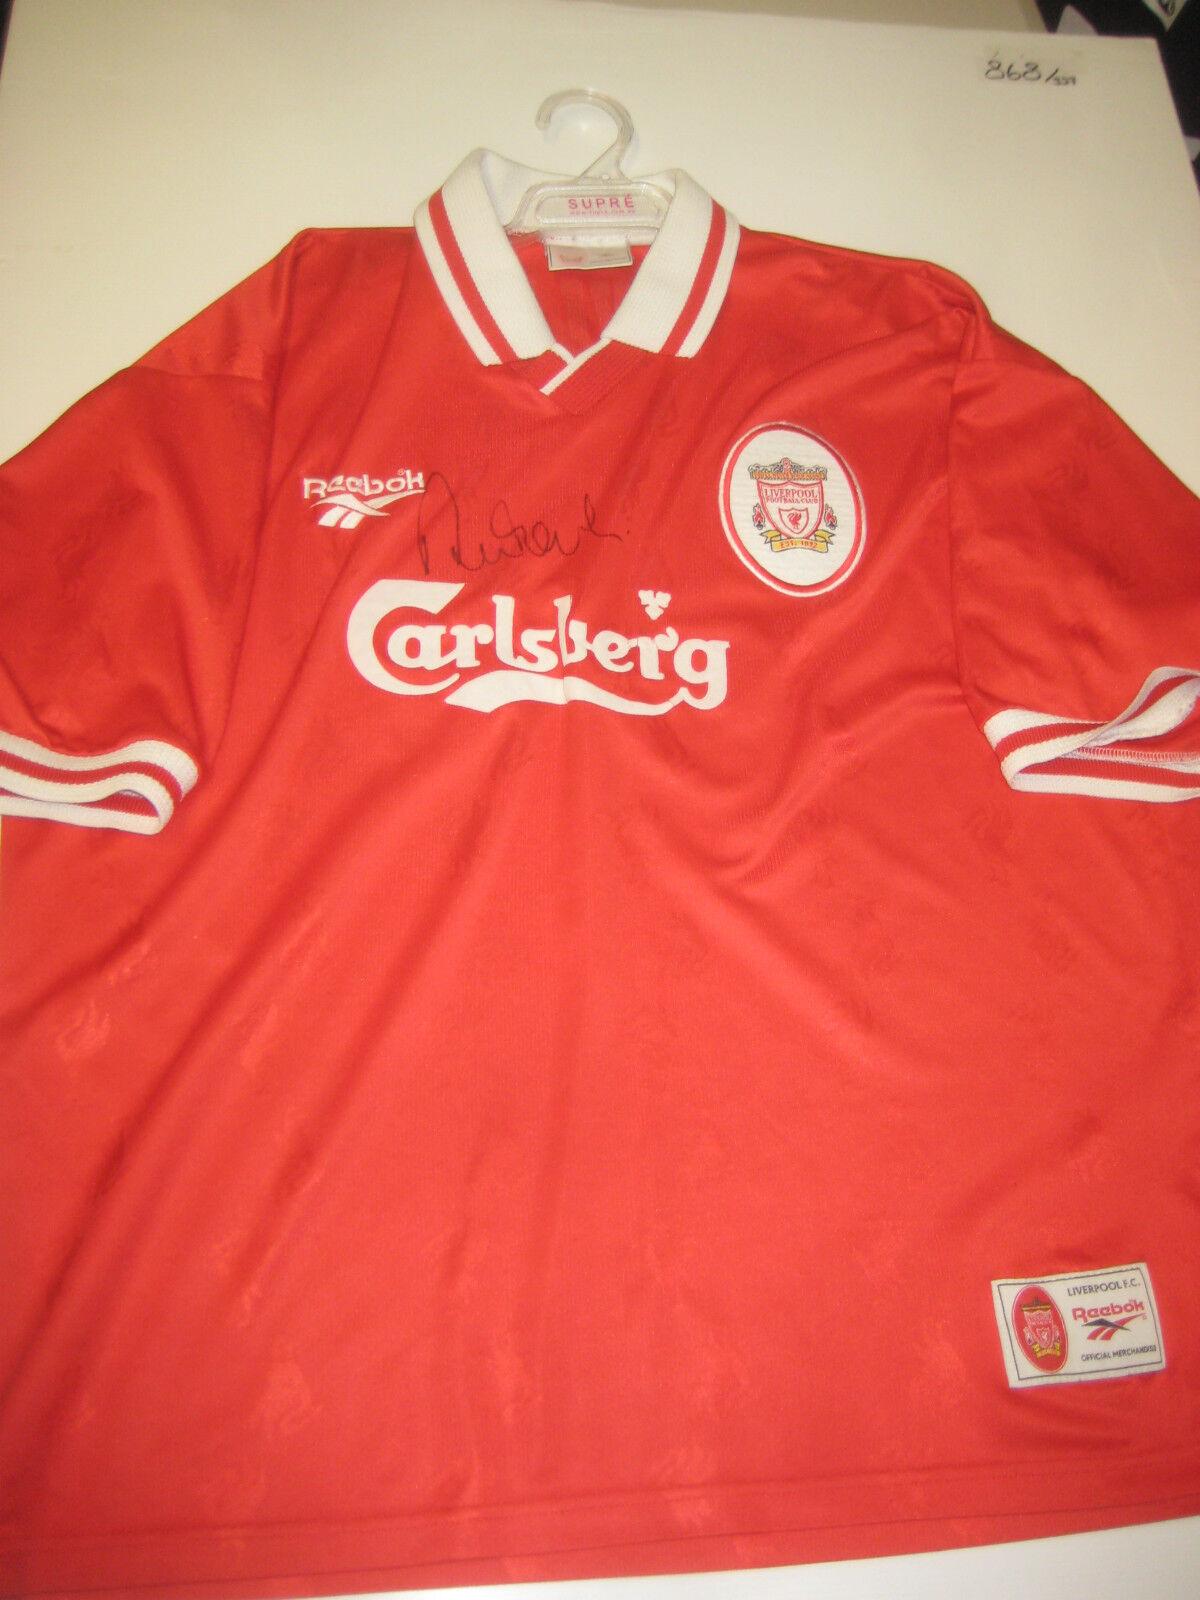 Liverpool-Robbie Fowler Firmado 1995-96 Liverpool Camiseta + + prueba fotográfica C.o.a